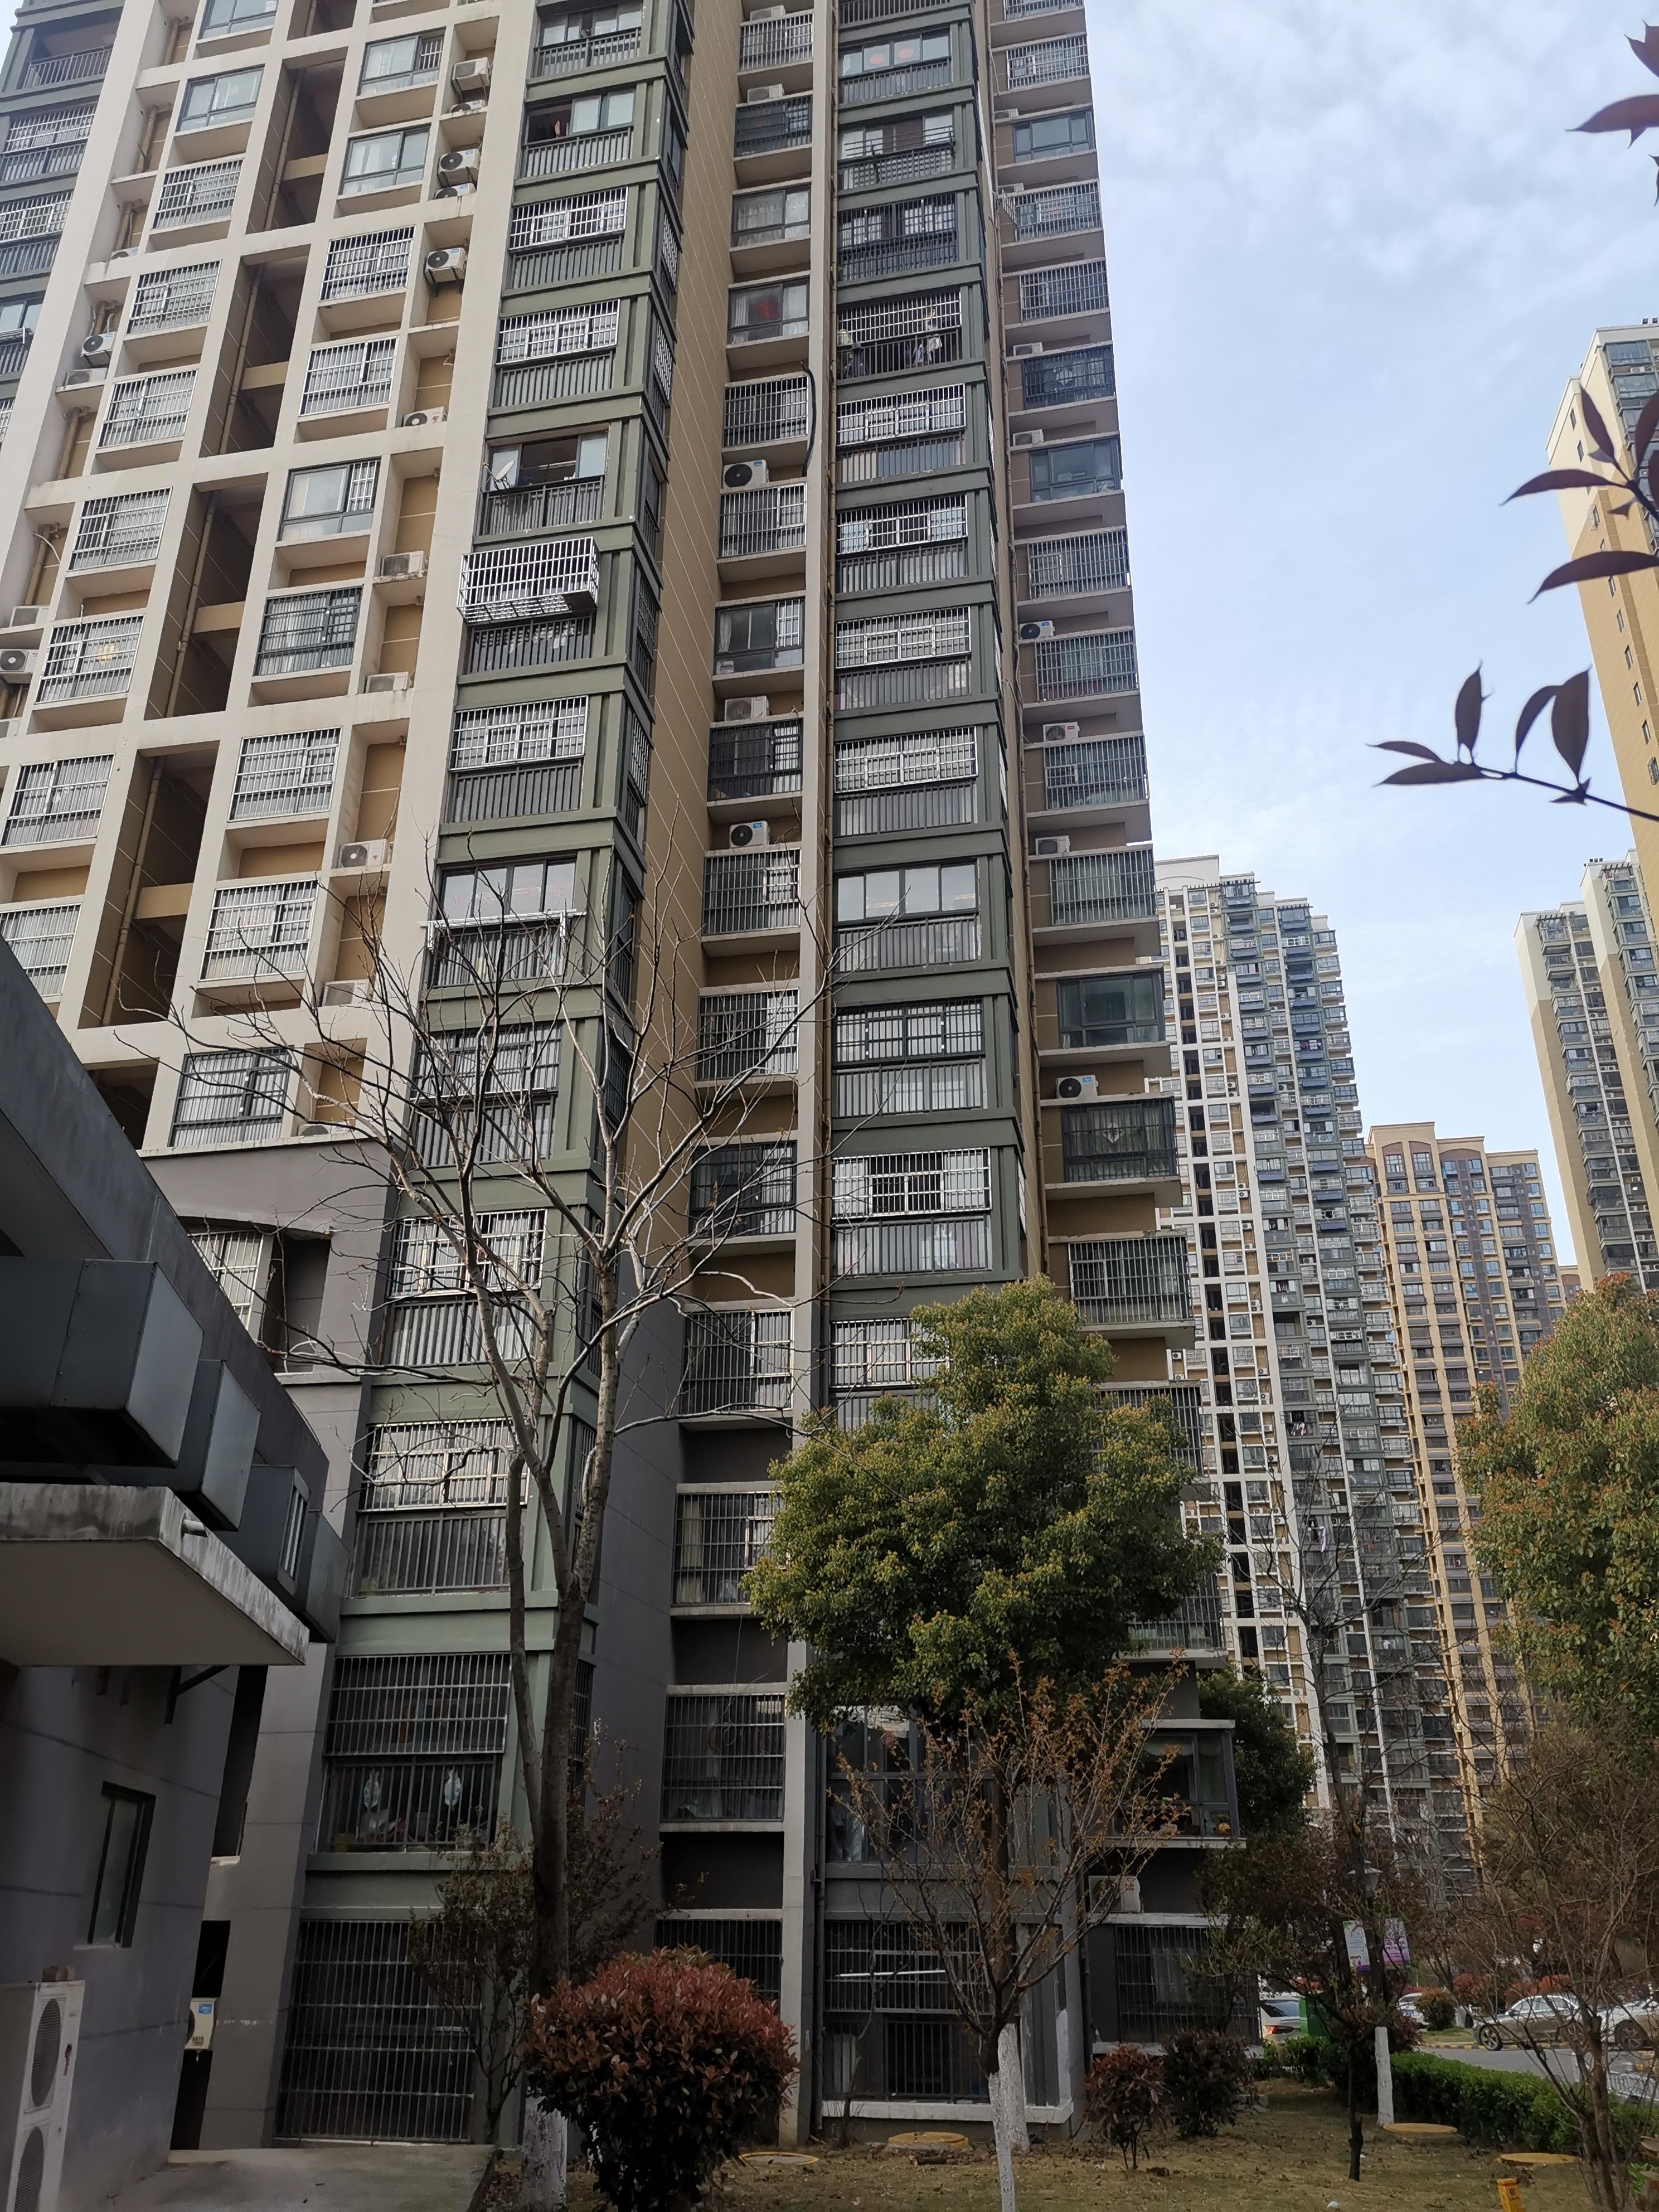 事发楼栋有33层高。